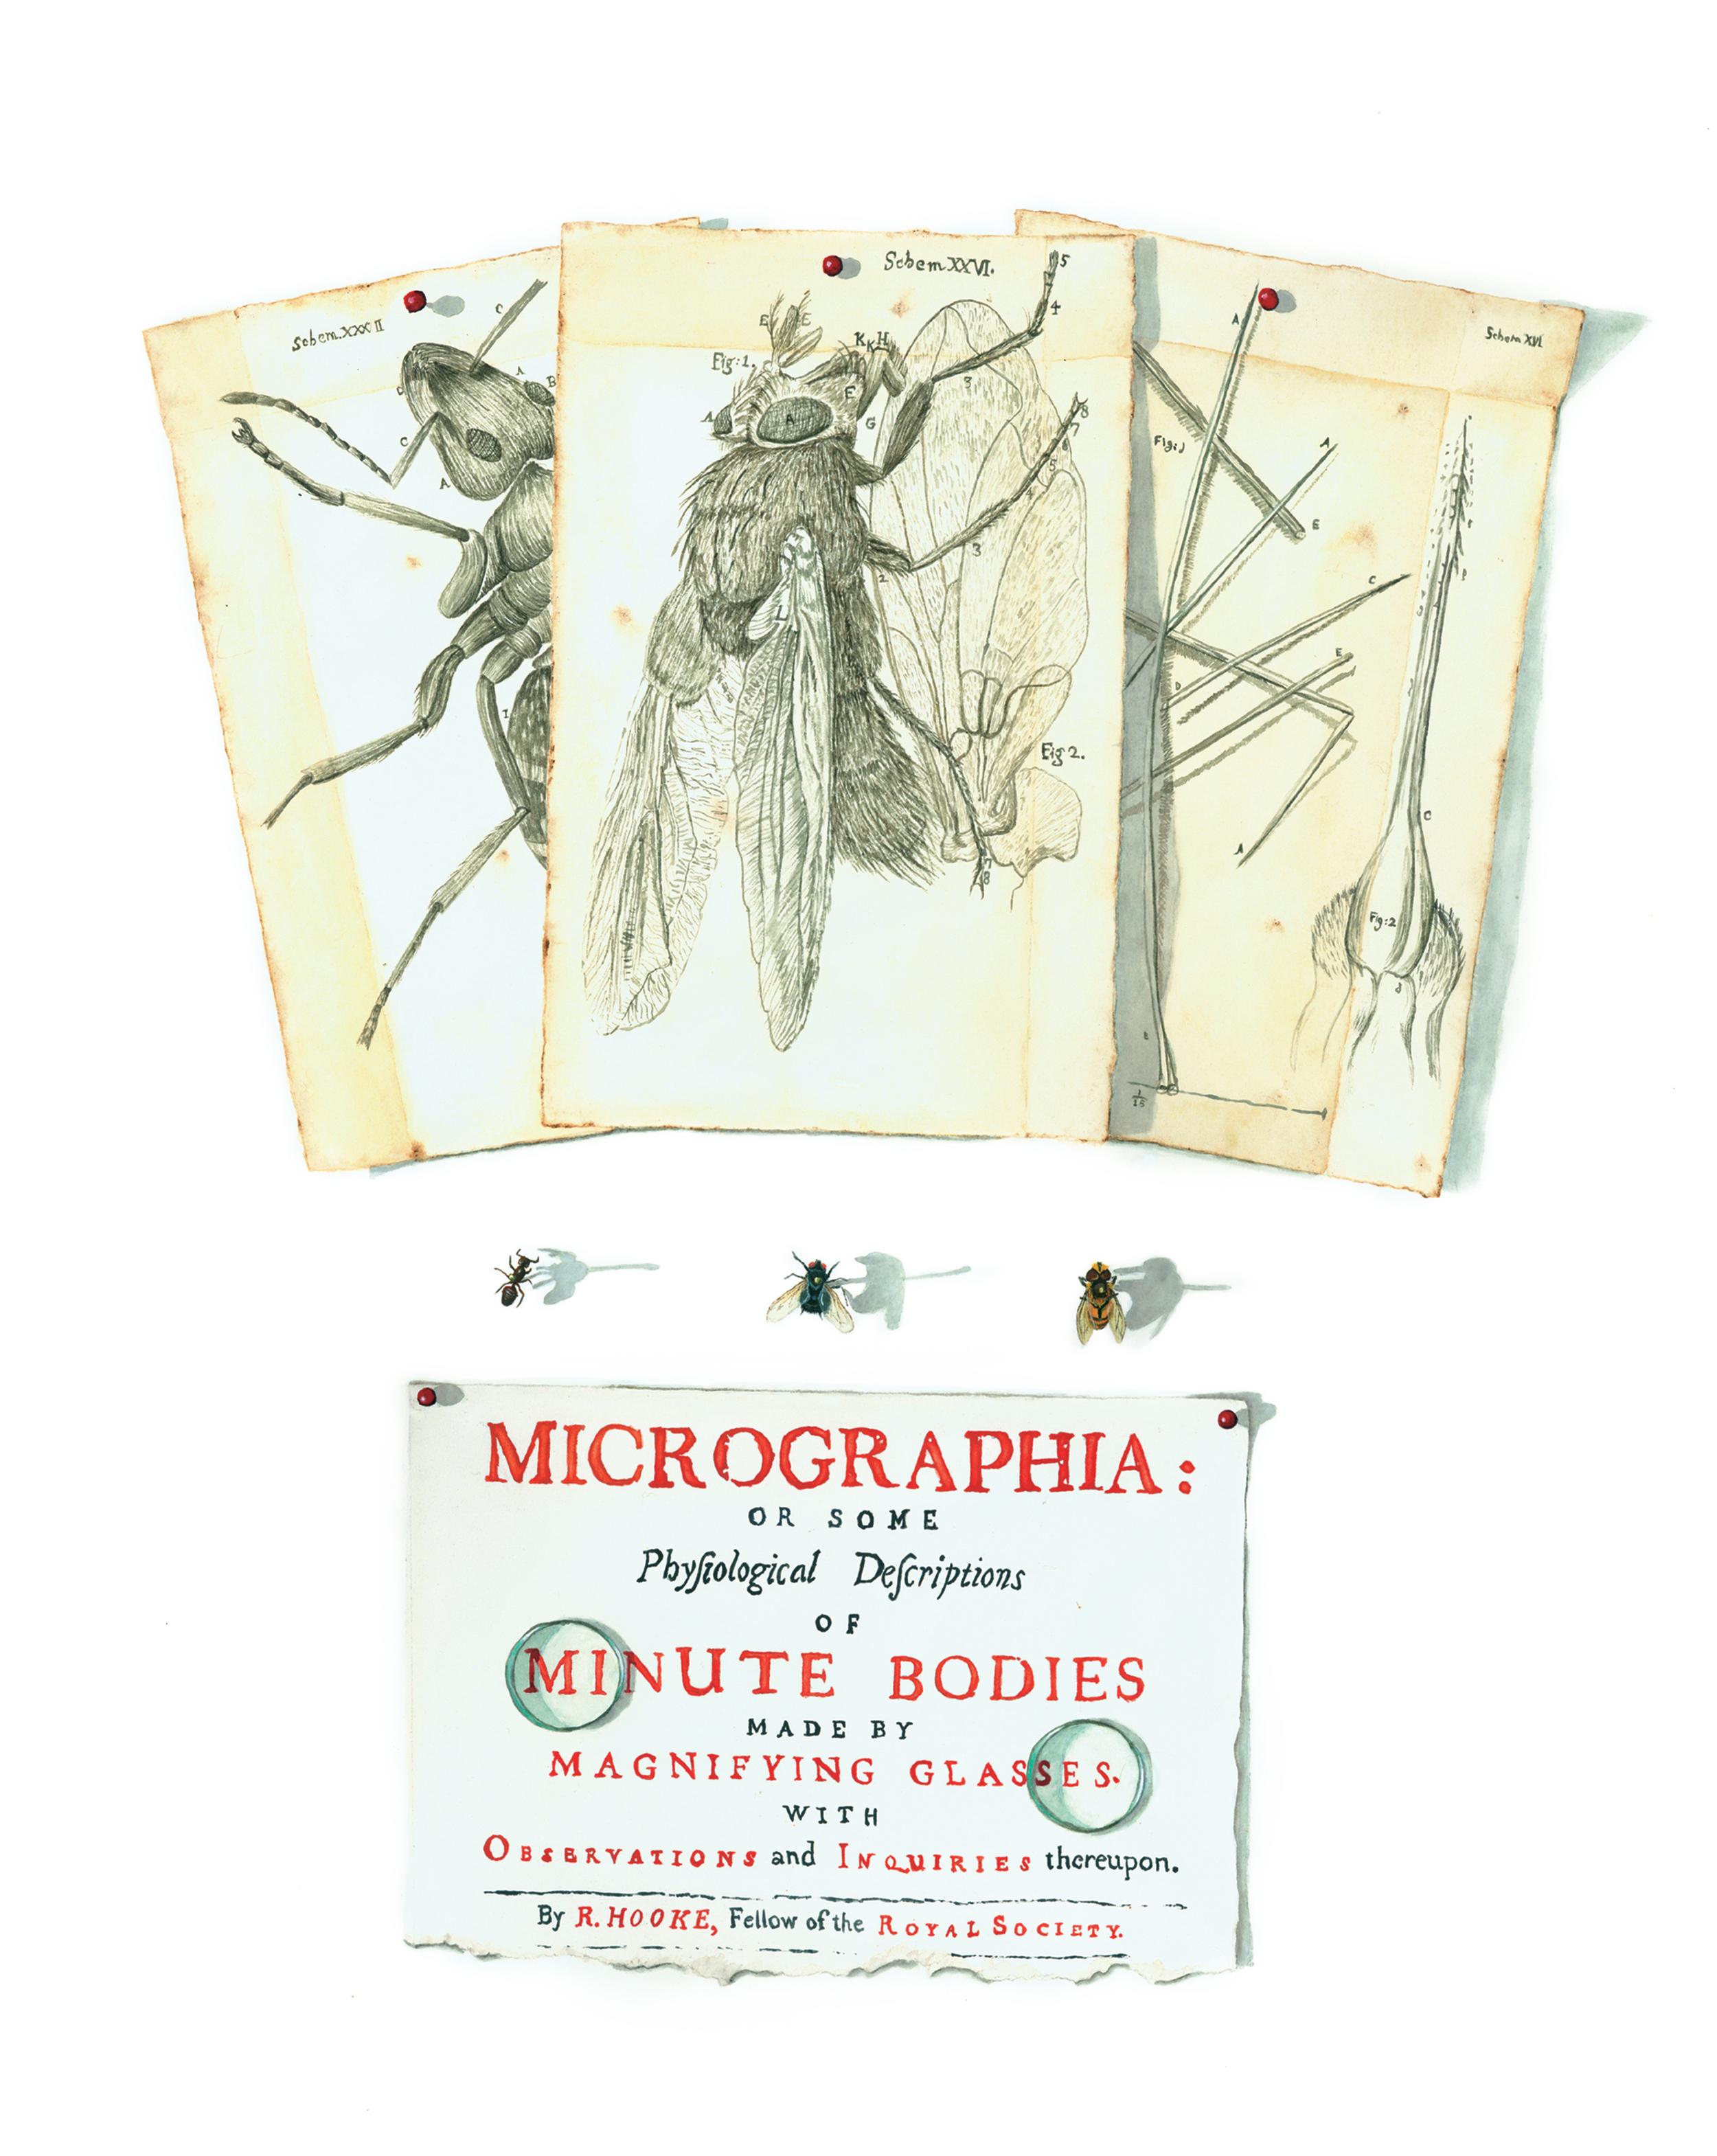 Micrographia Tromp l'oeil